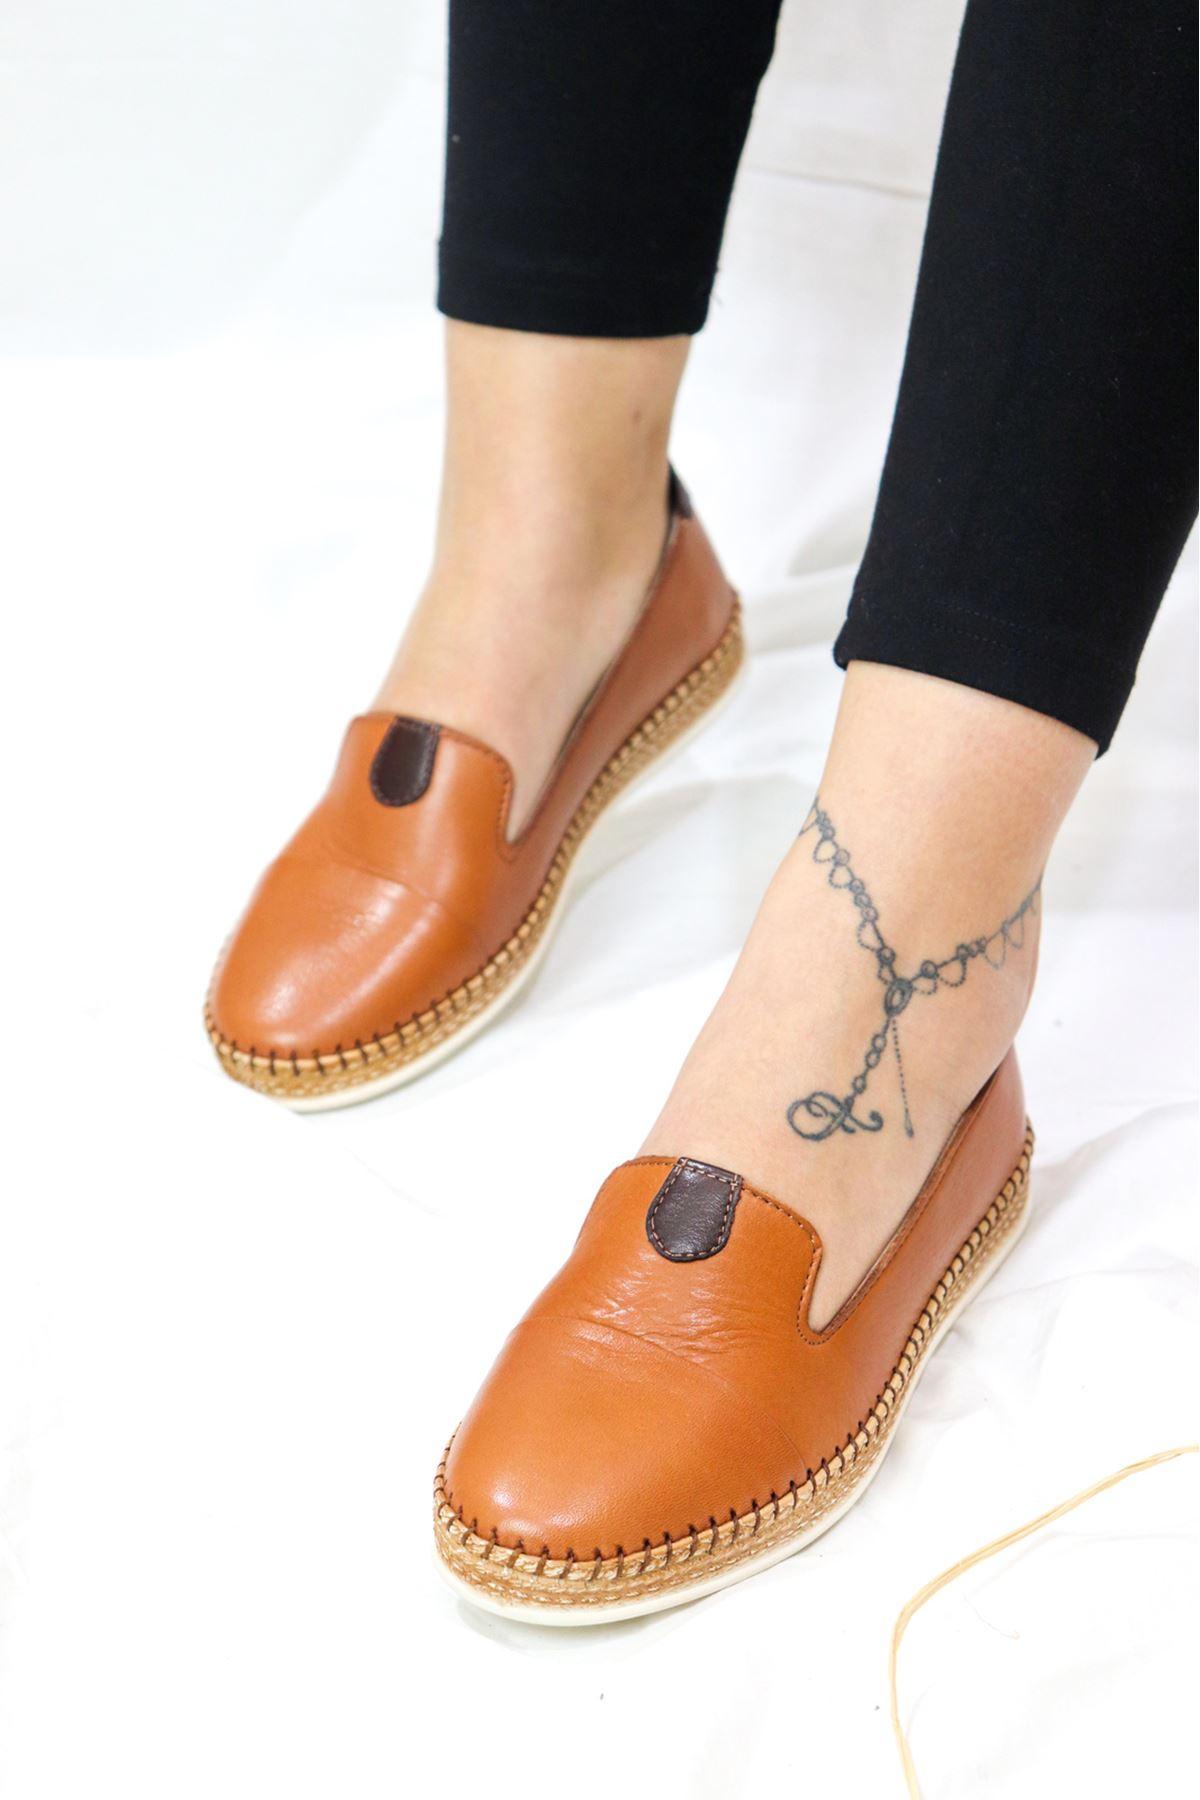 Marine Shoes - 21Y050-P01 Deri Babet Taba